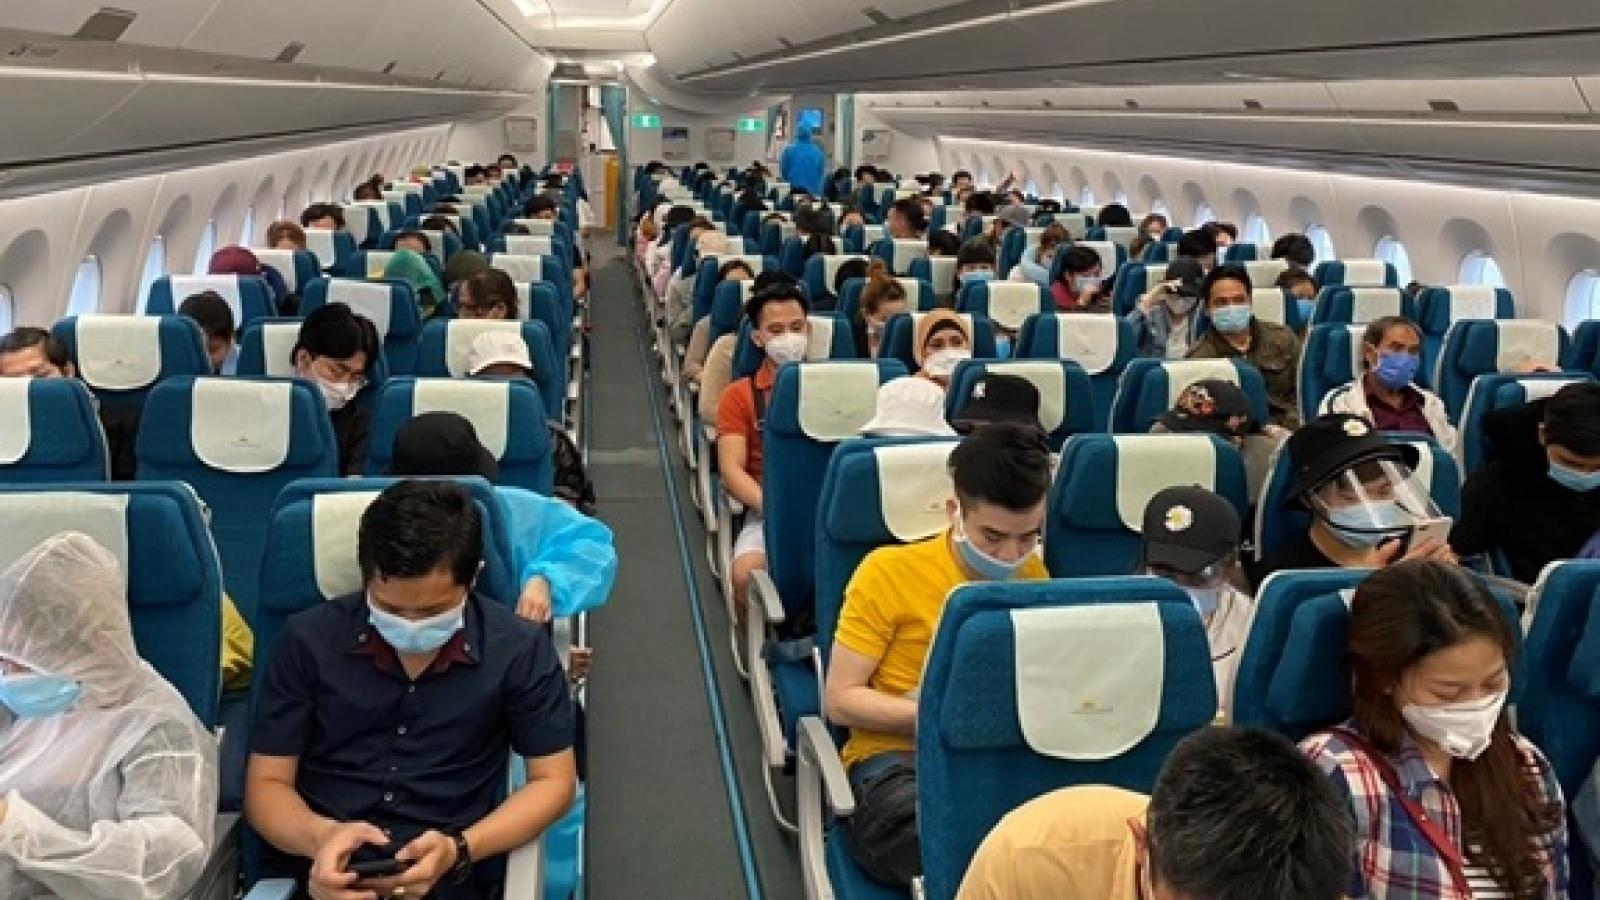 Hơn 300 công dân Việt Nam được đưa từ châu Âu và châu Phi về nước an toàn